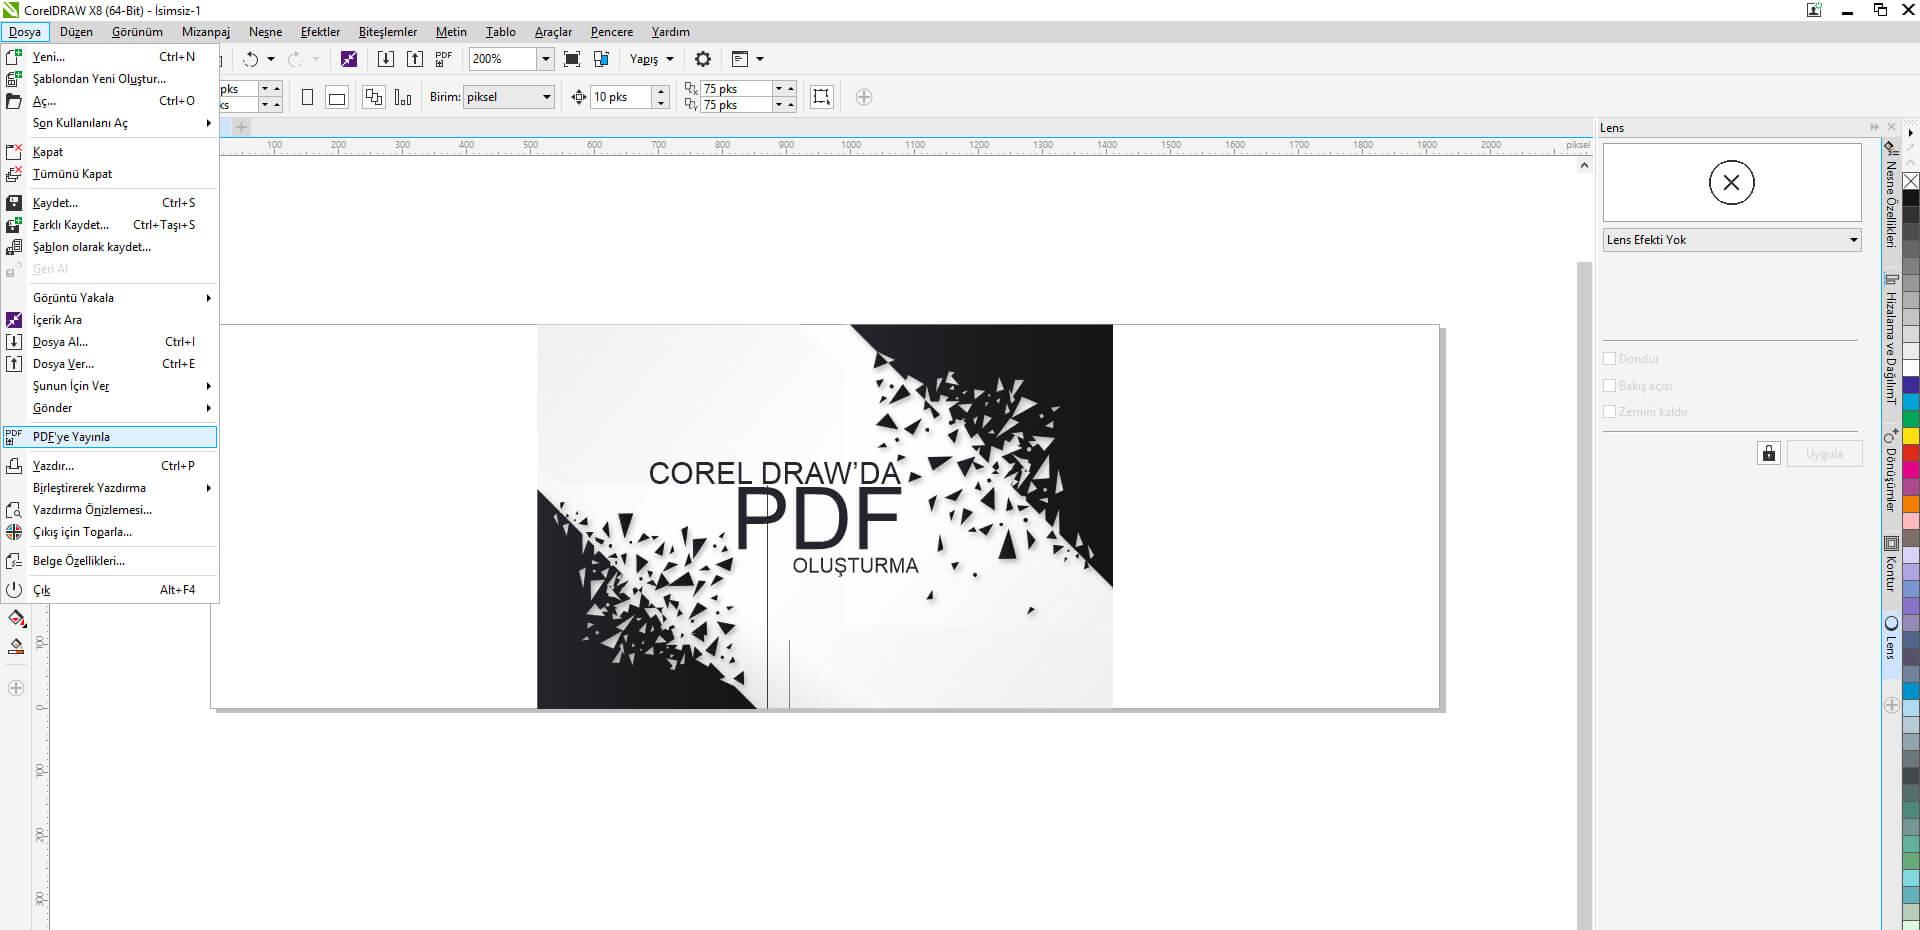 Corel Draw'da PDF Dosyası Oluşturma